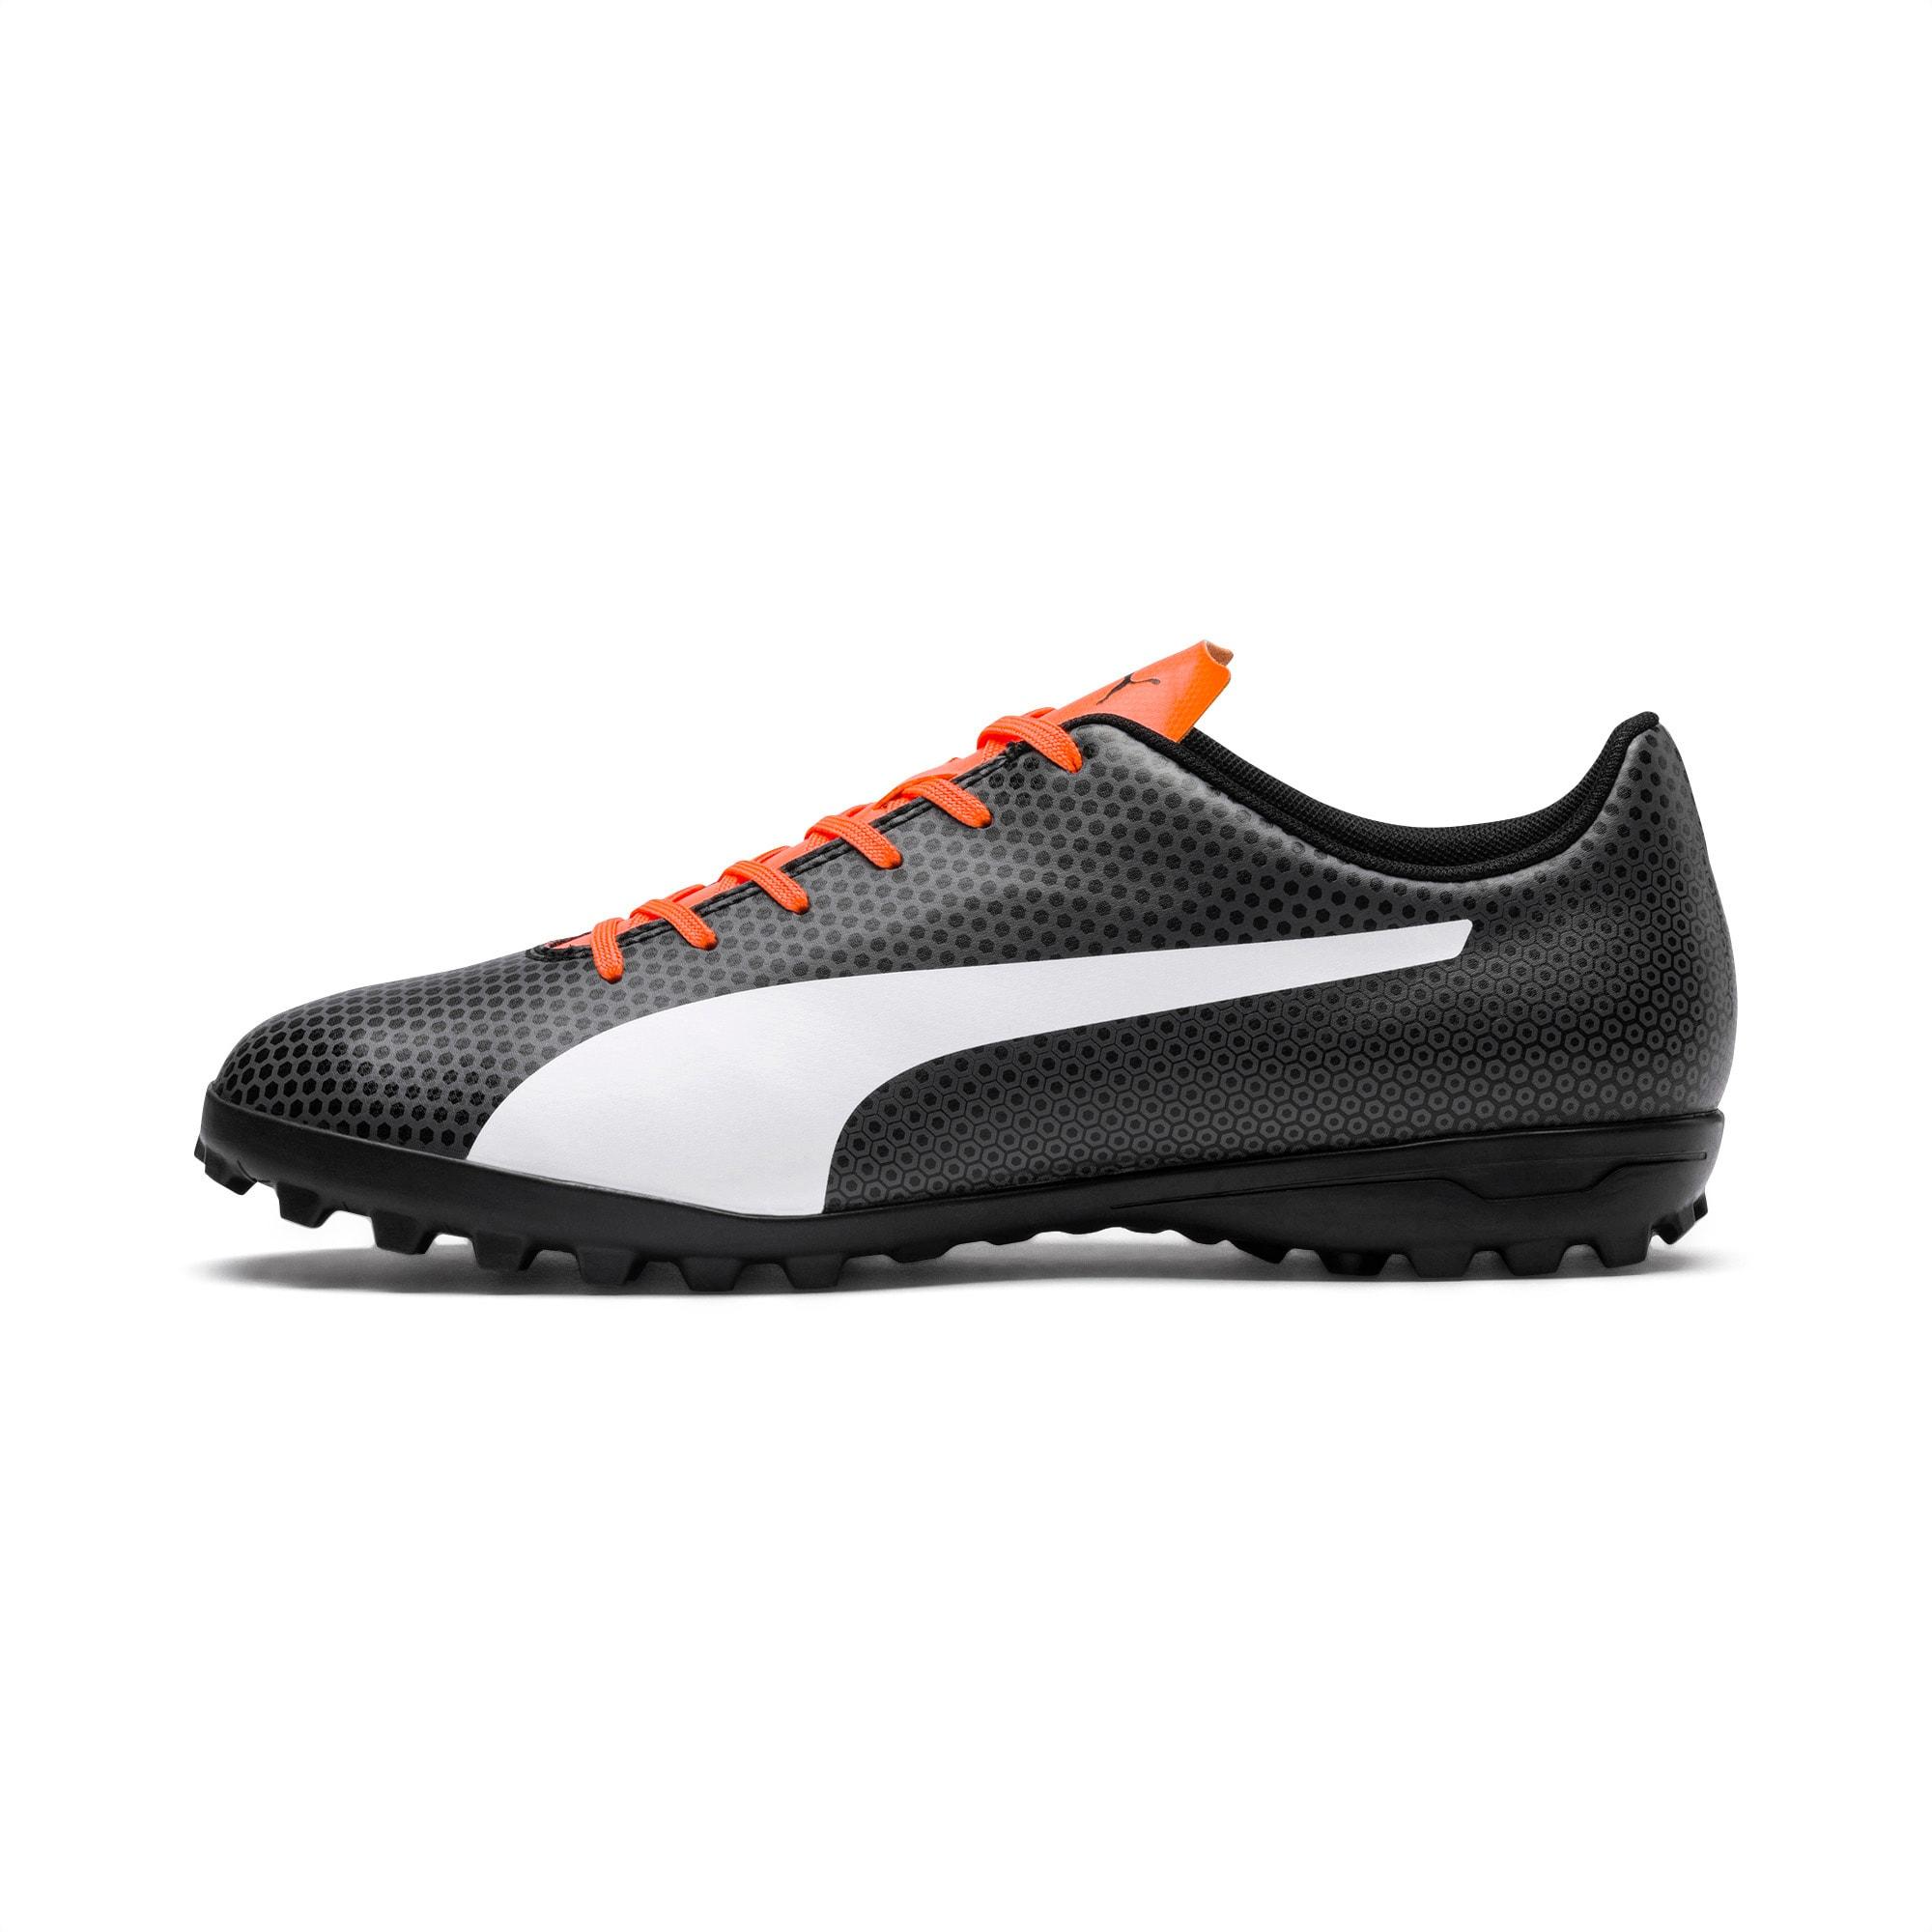 PUMA Spirit TT Turf Soccer Shoes